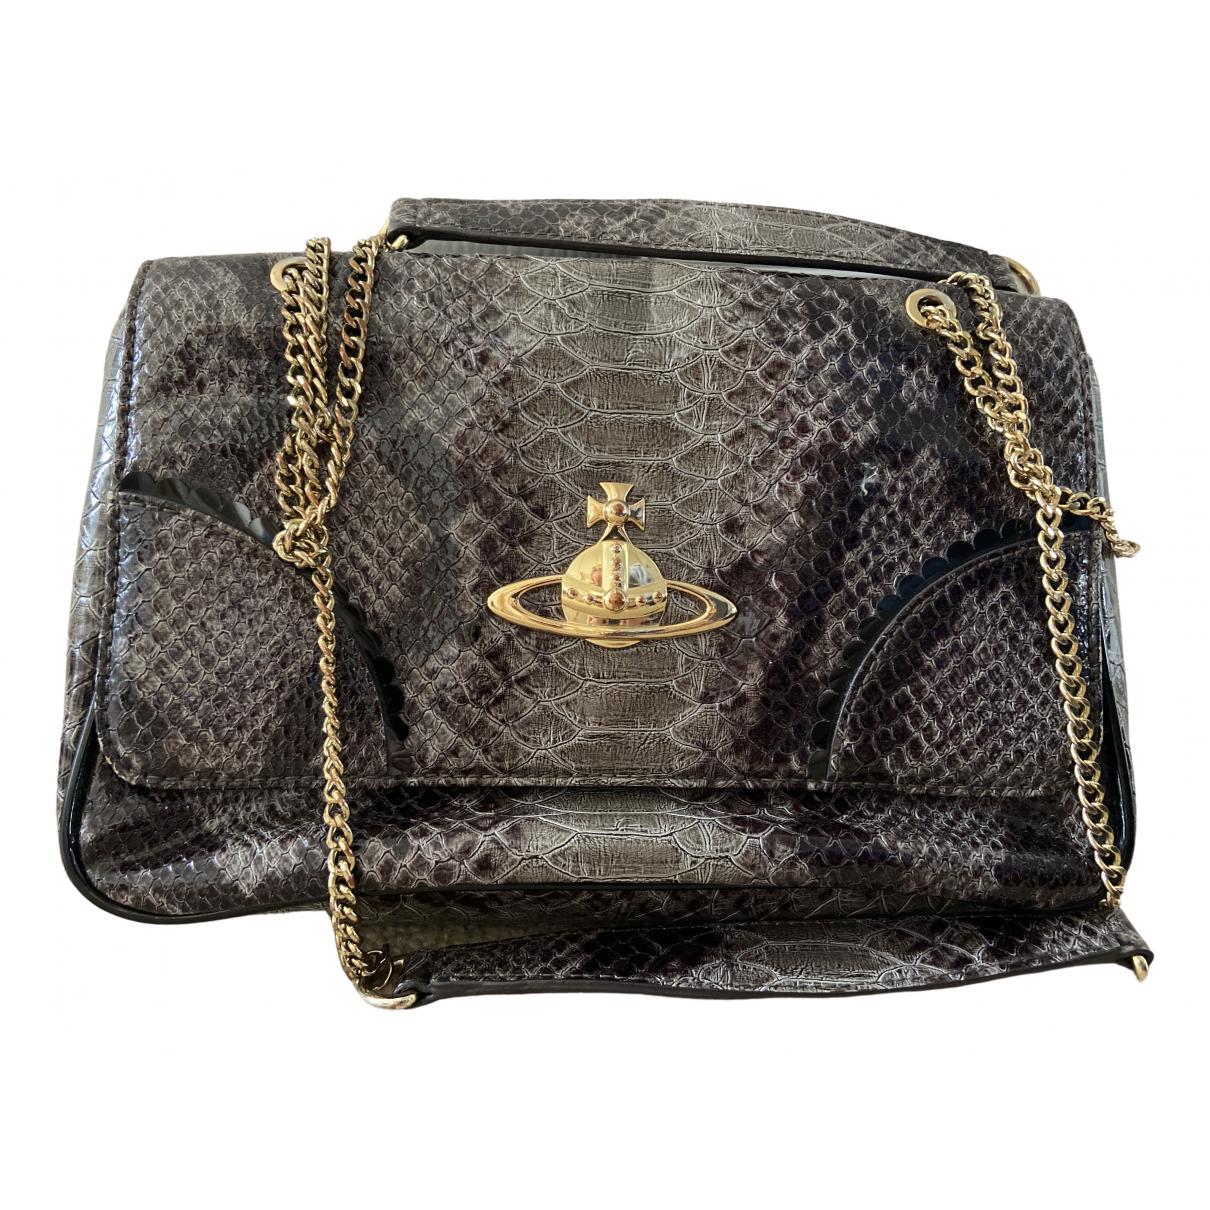 Vivienne Westwood \N Grey Leather handbag for Women \N